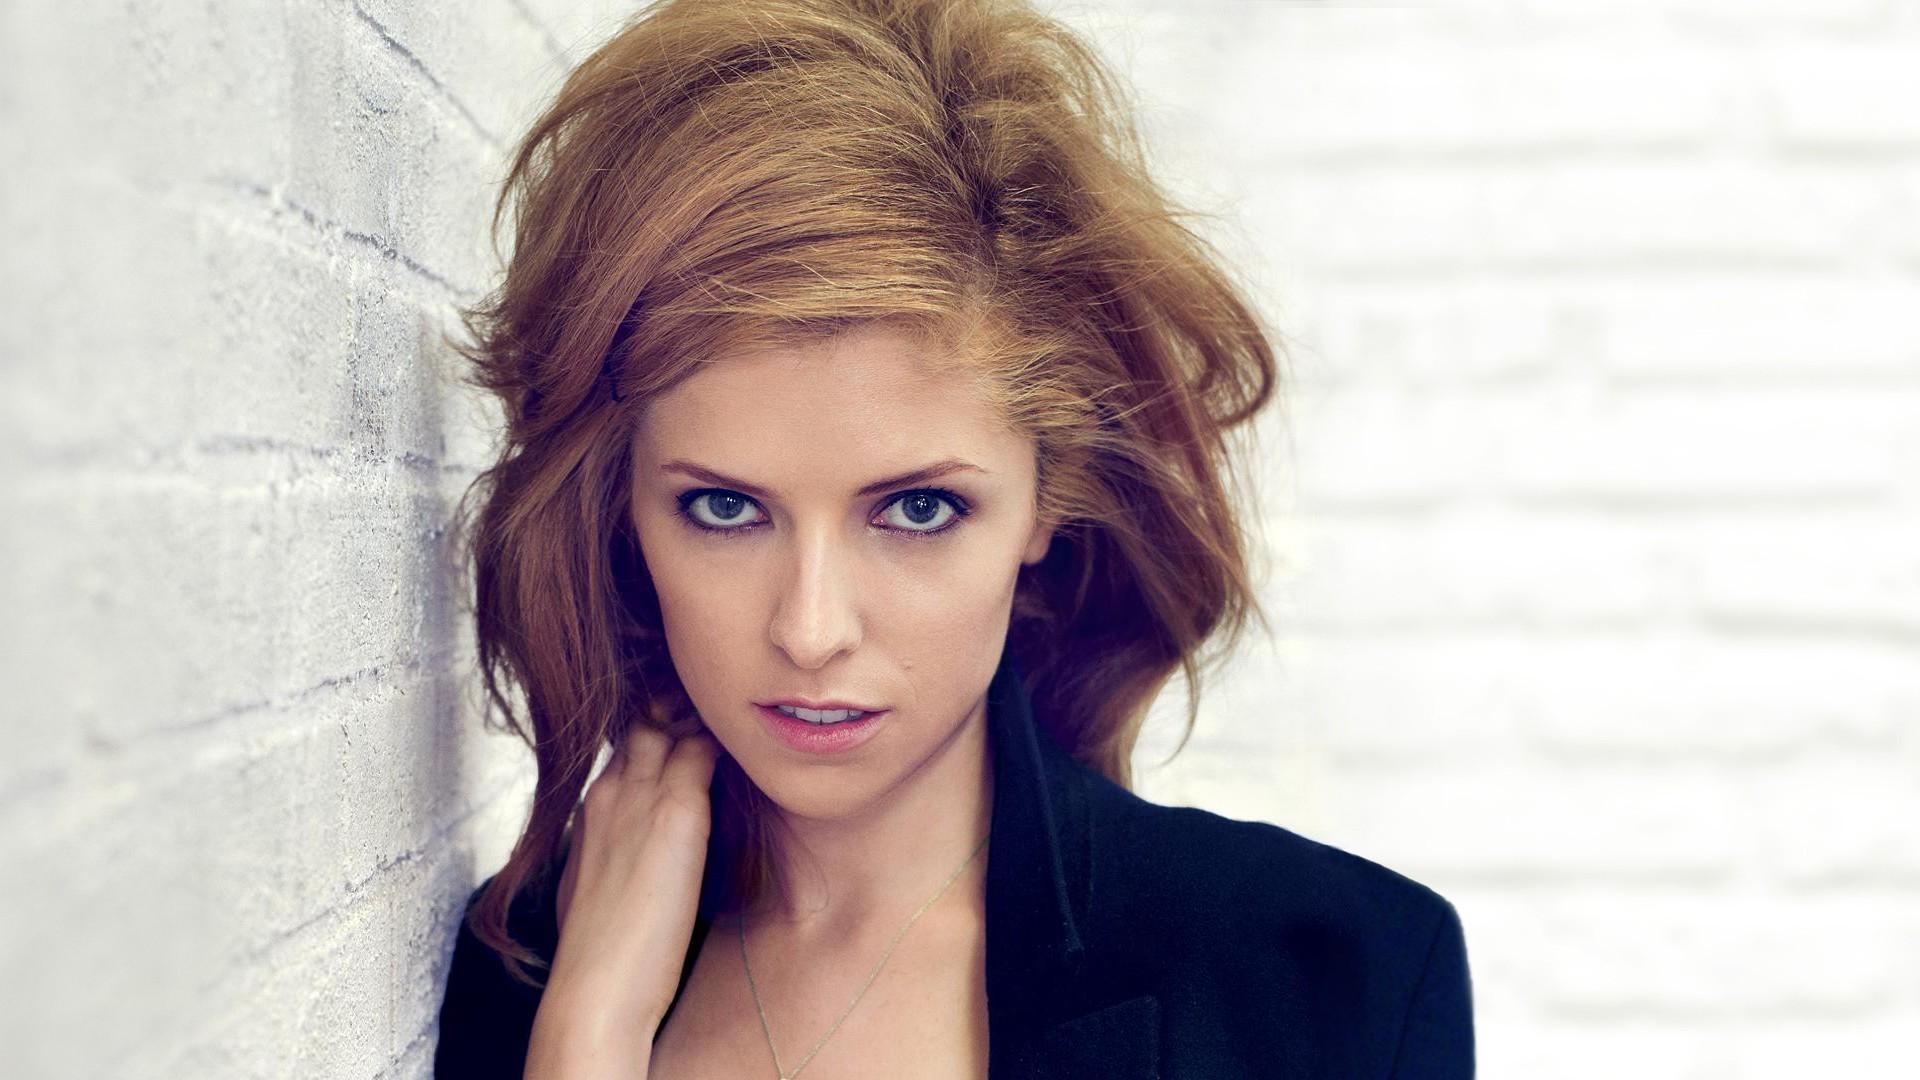 актриса, девушка, открытый рот, смотрит в глаза, голубые глаза